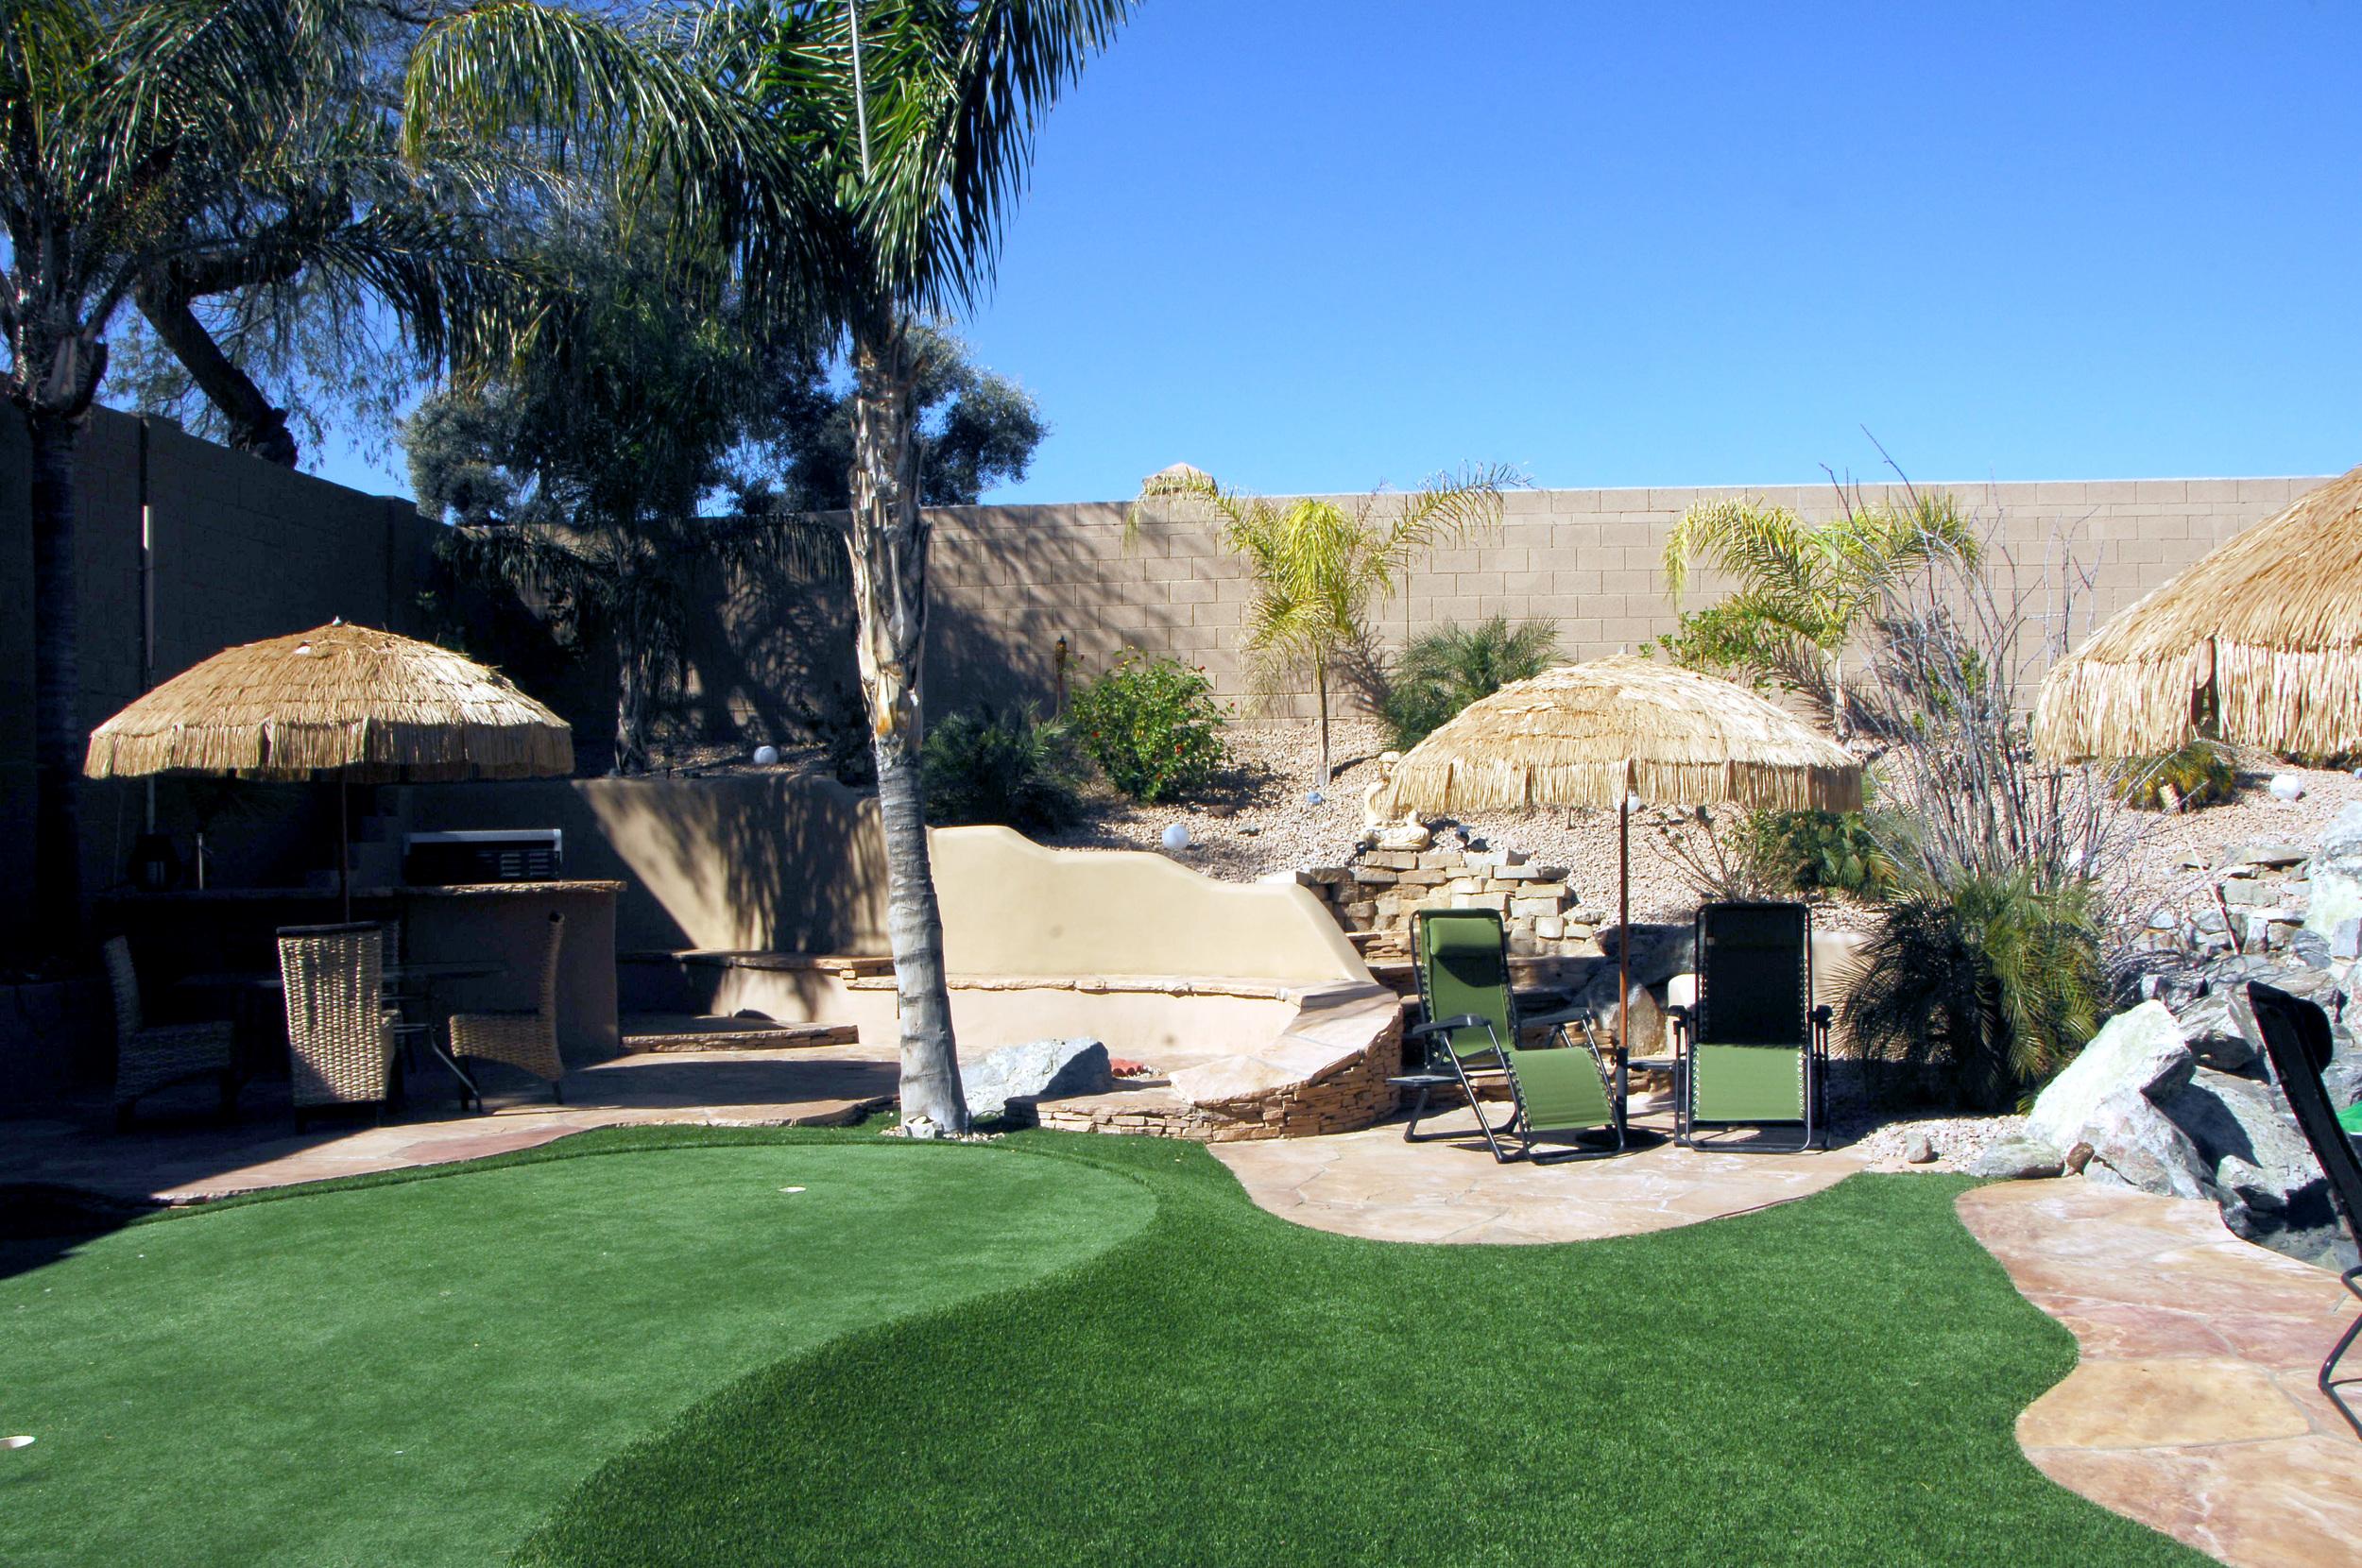 Backyard Photo 12.JPG